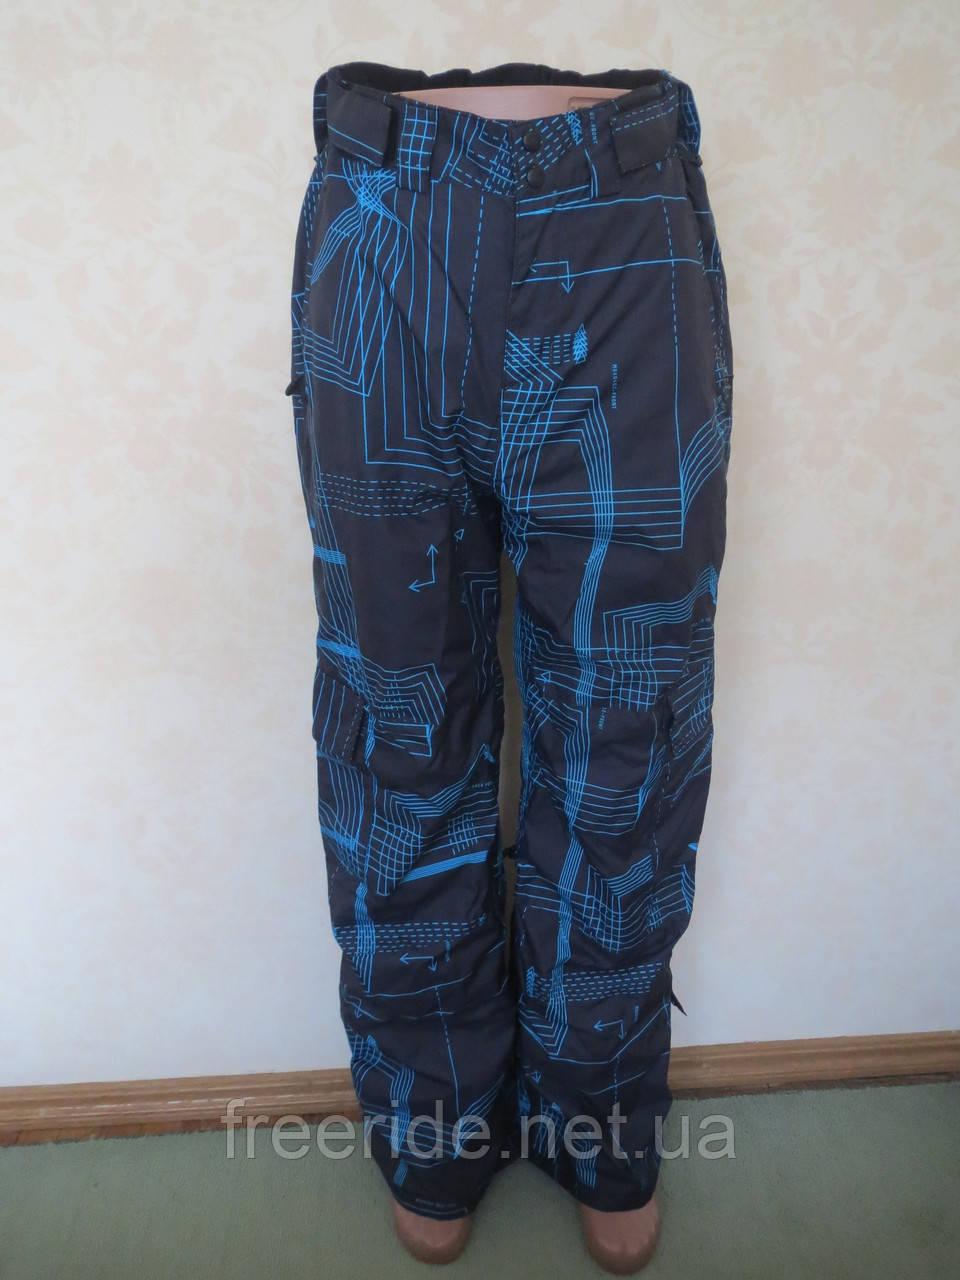 Лыжные мембранные штаны O'NEILL (FYFTY2series) 5000/8000